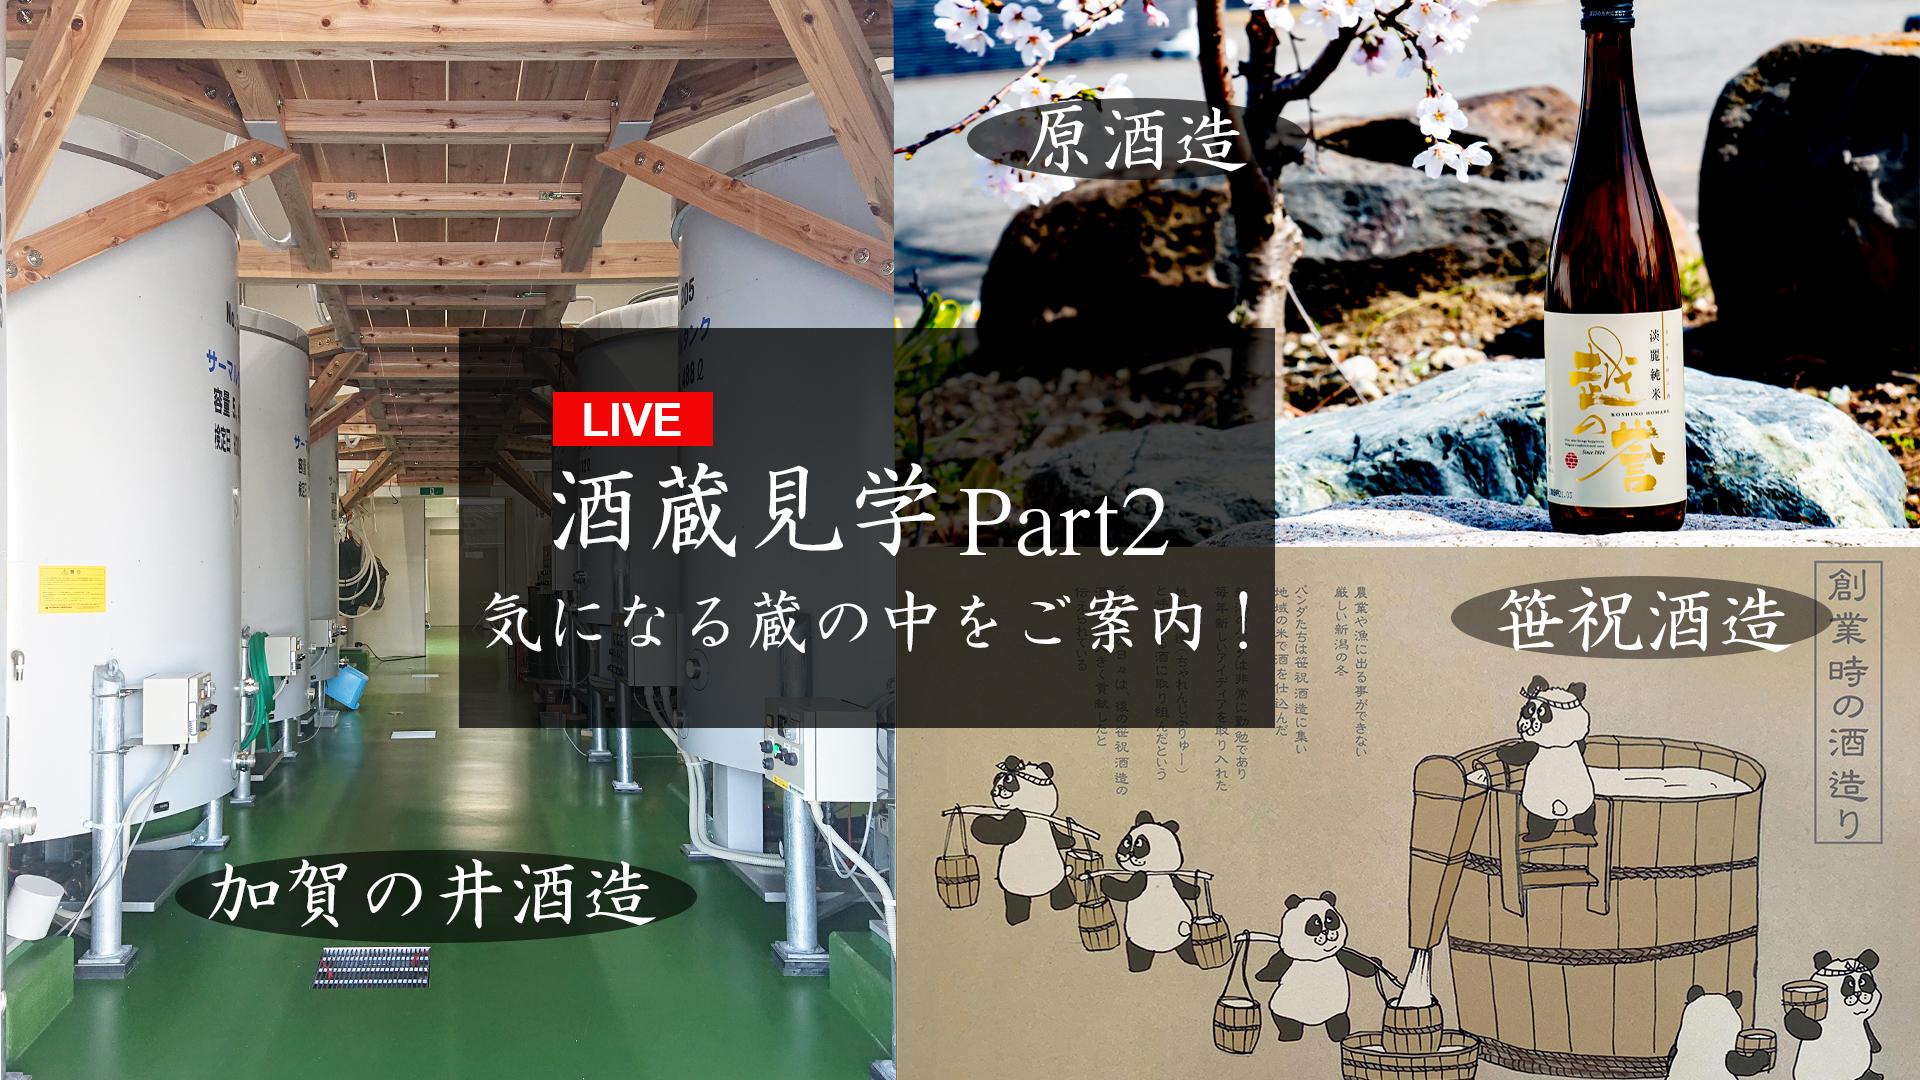 【酒蔵見学Part2】原酒造、加賀の井酒造、笹祝酒造 気になる蔵の中をご案内! サムネイル